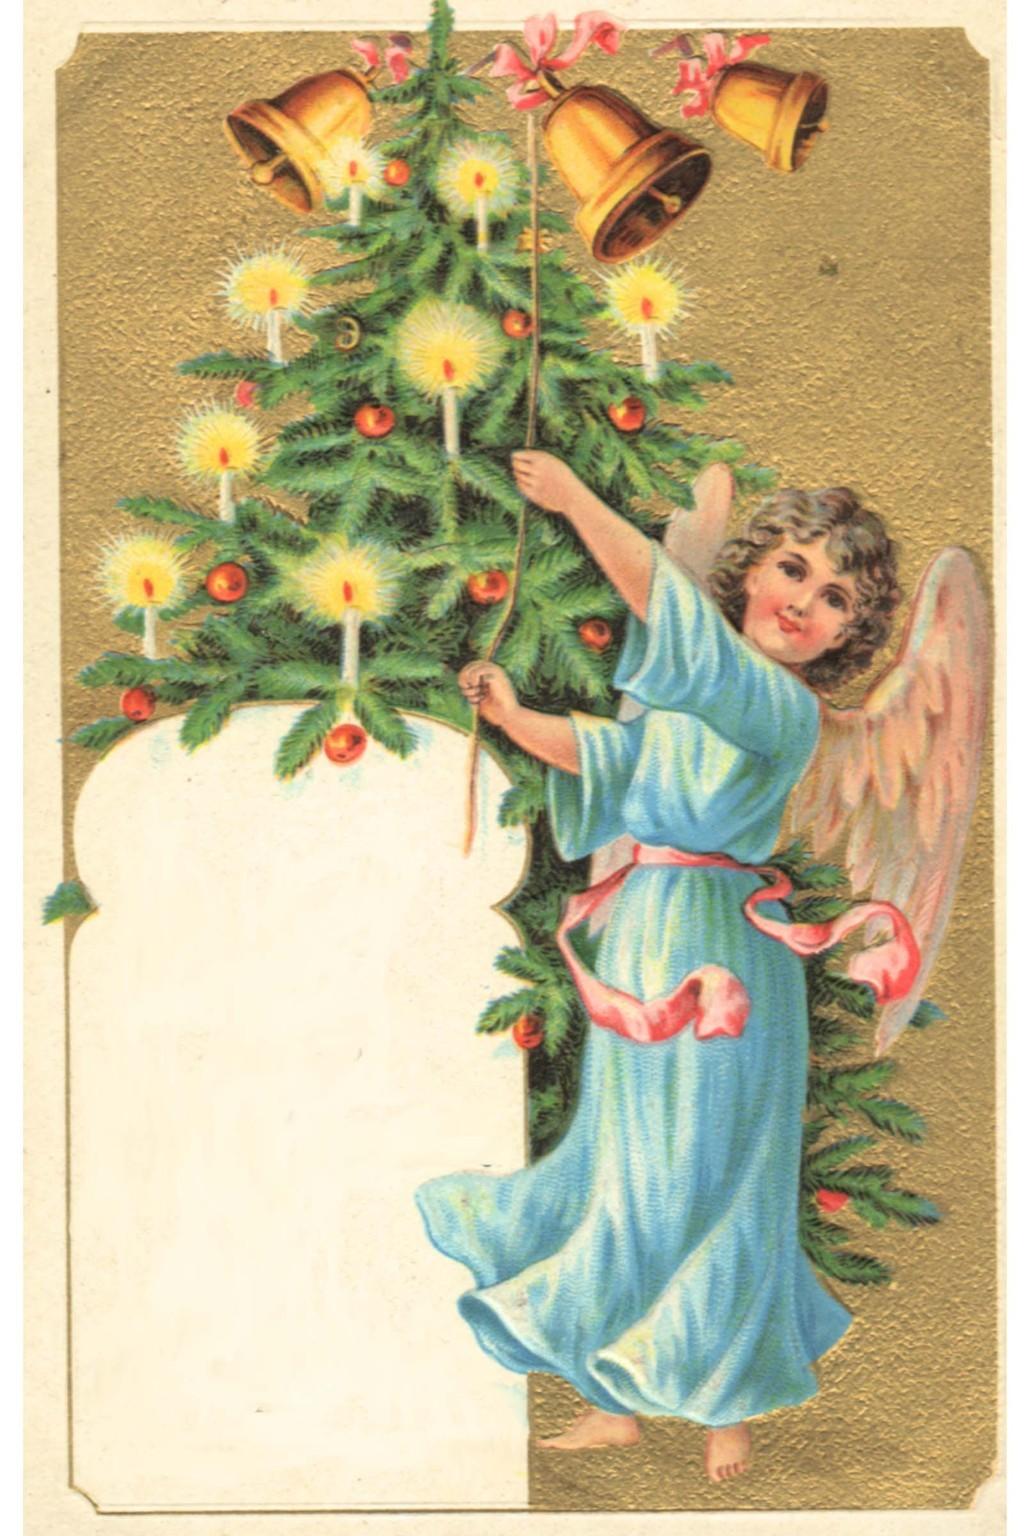 Weihnachtsbilder Für Frauen.Kostenlose Weihnachtsbilder Und Weihnachtsmotive Frohes Fest